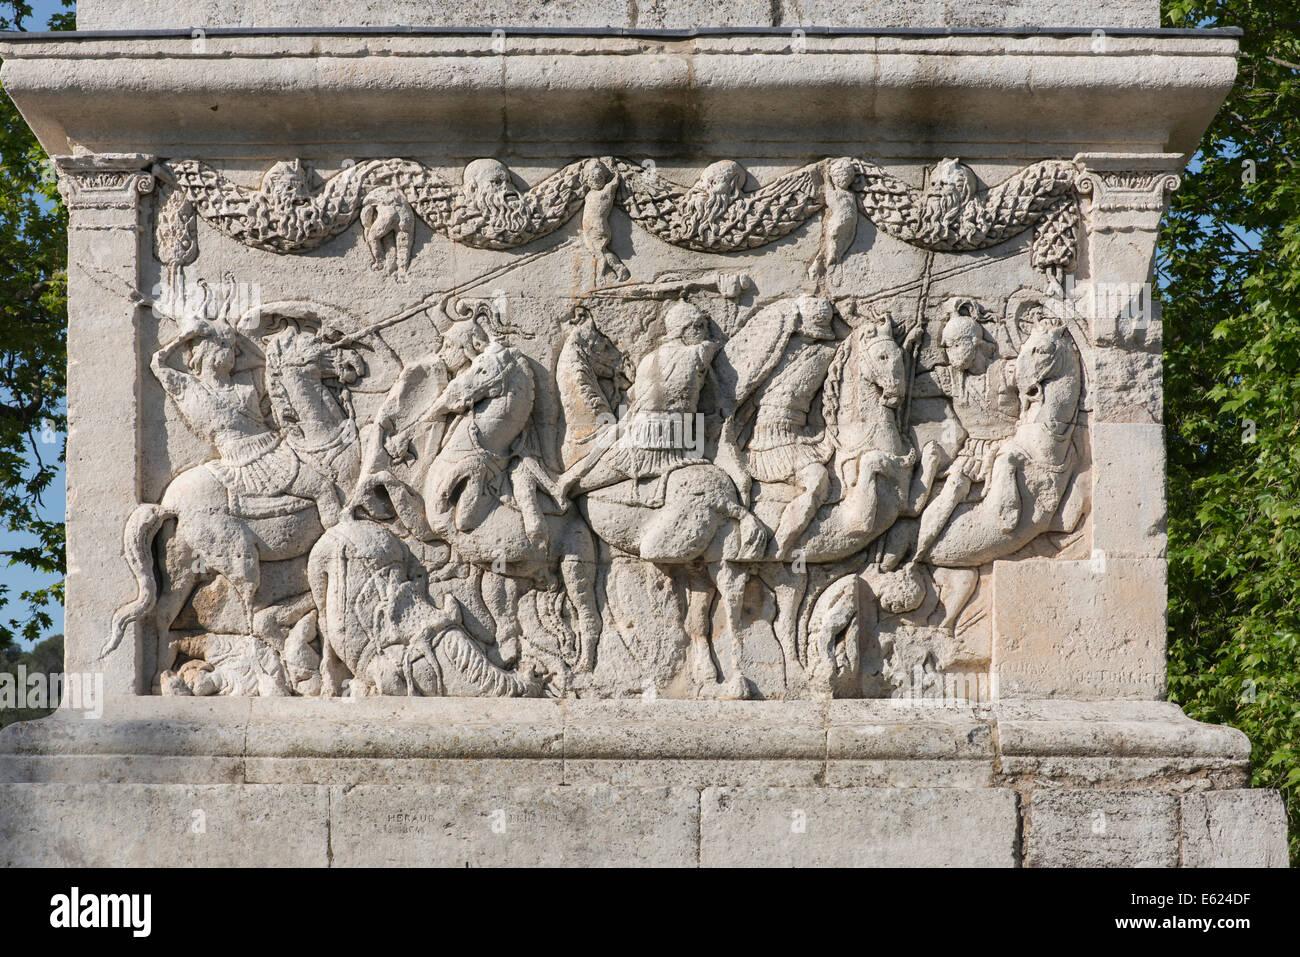 Alivio de pedestal, representando una batalla de caballería, Mausoleo, cenotaph, antigua ciudad romana de Glanum, Imagen De Stock